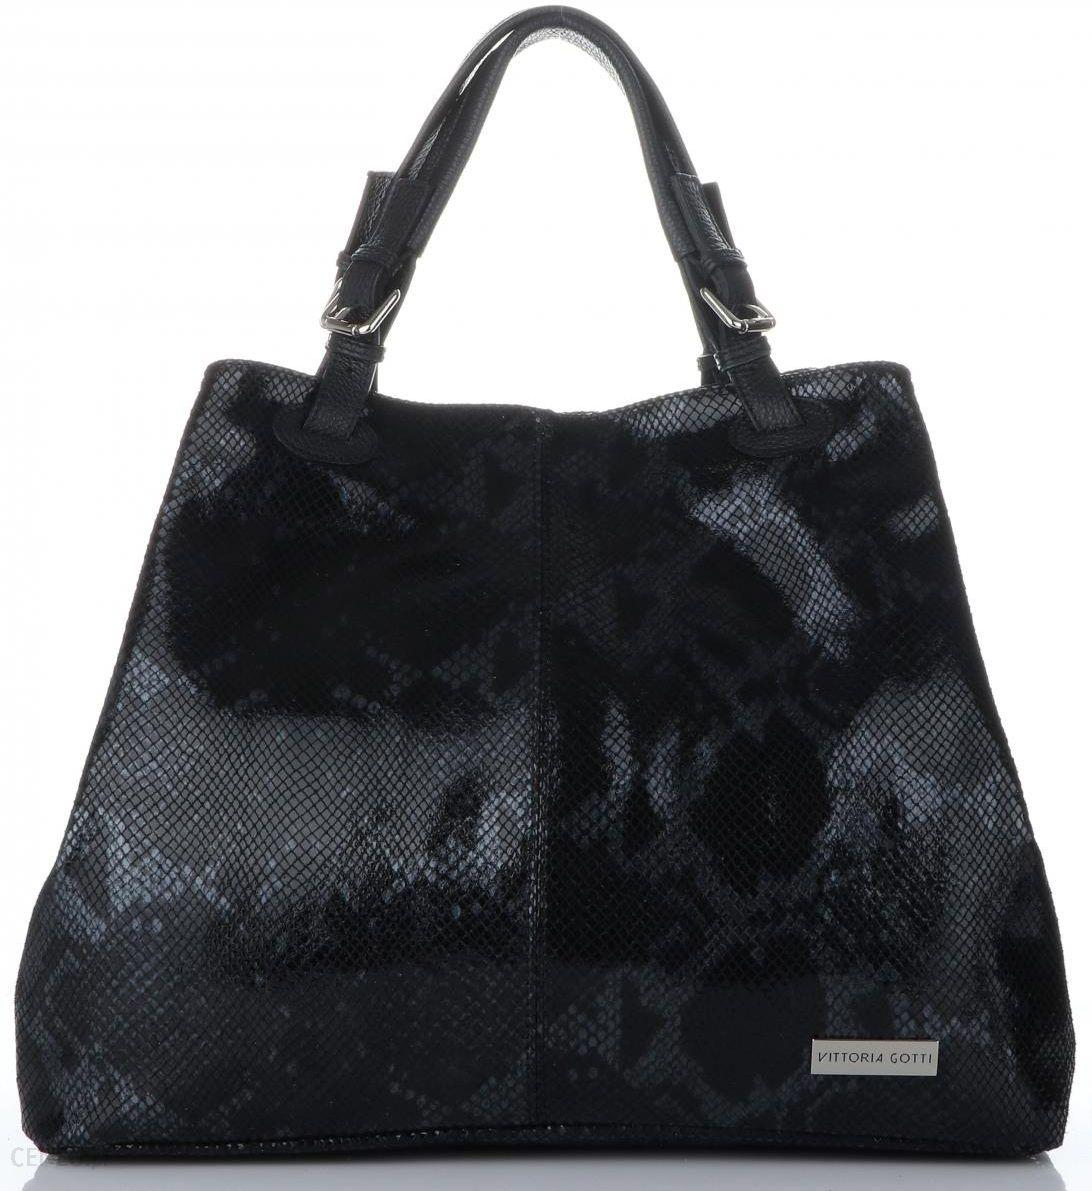 bbdcce12fe8650 Vittoria Gotti Ekskluzywne Torebki Skórzane Włoski Shopper w rozmiarze XL  motyw węża Czarna (kolory)